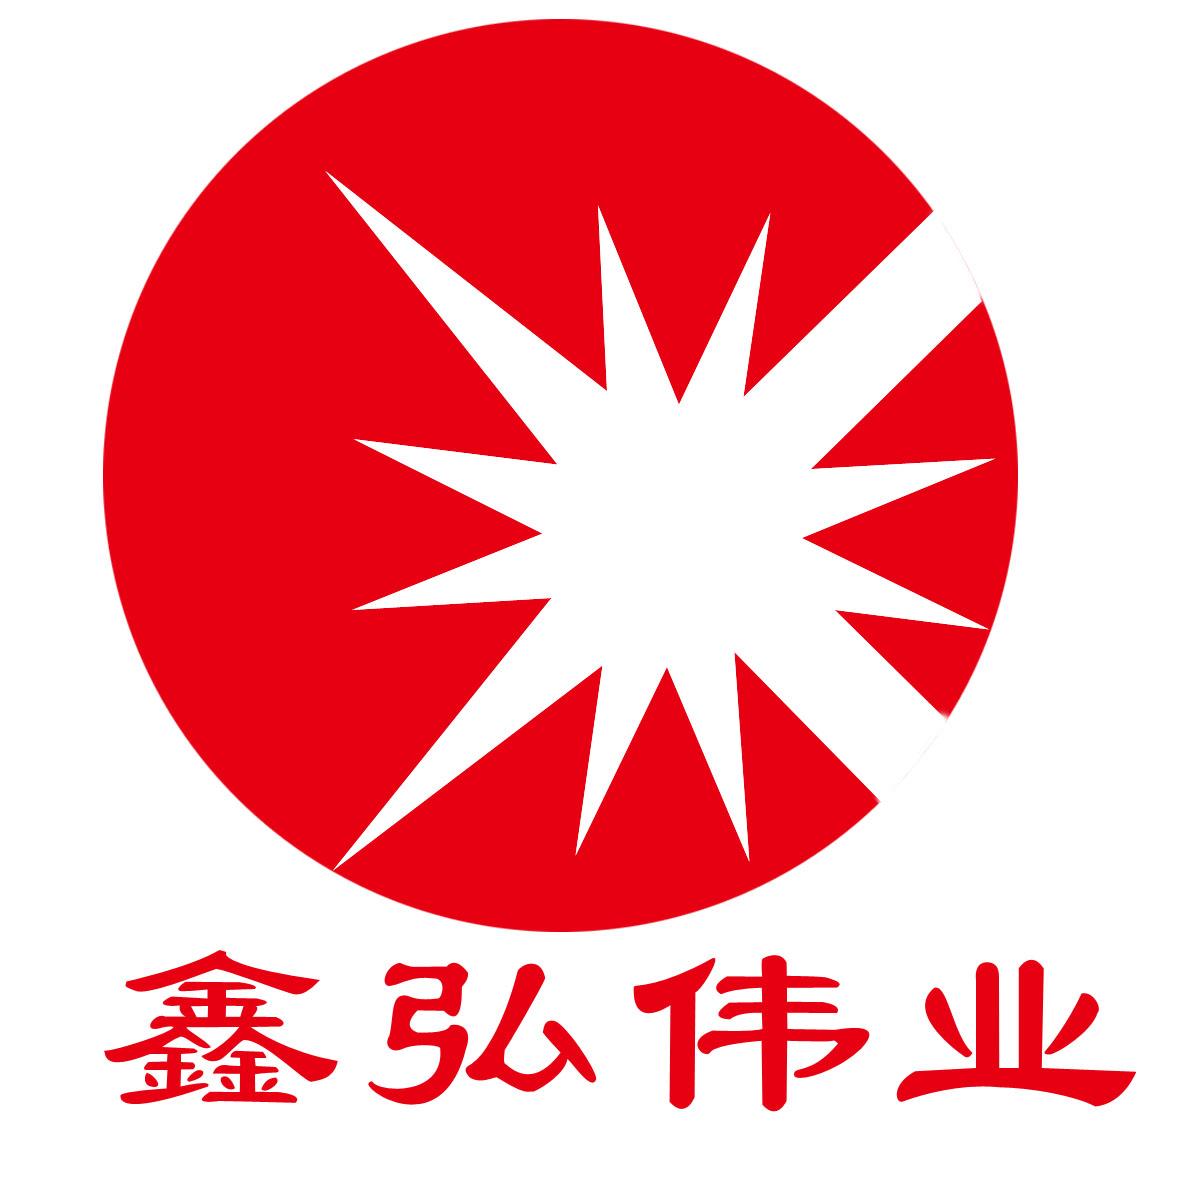 """产品质量不断提高,现已应用到奥运会的""""沙滩排球工程"""",中国普天,武船"""